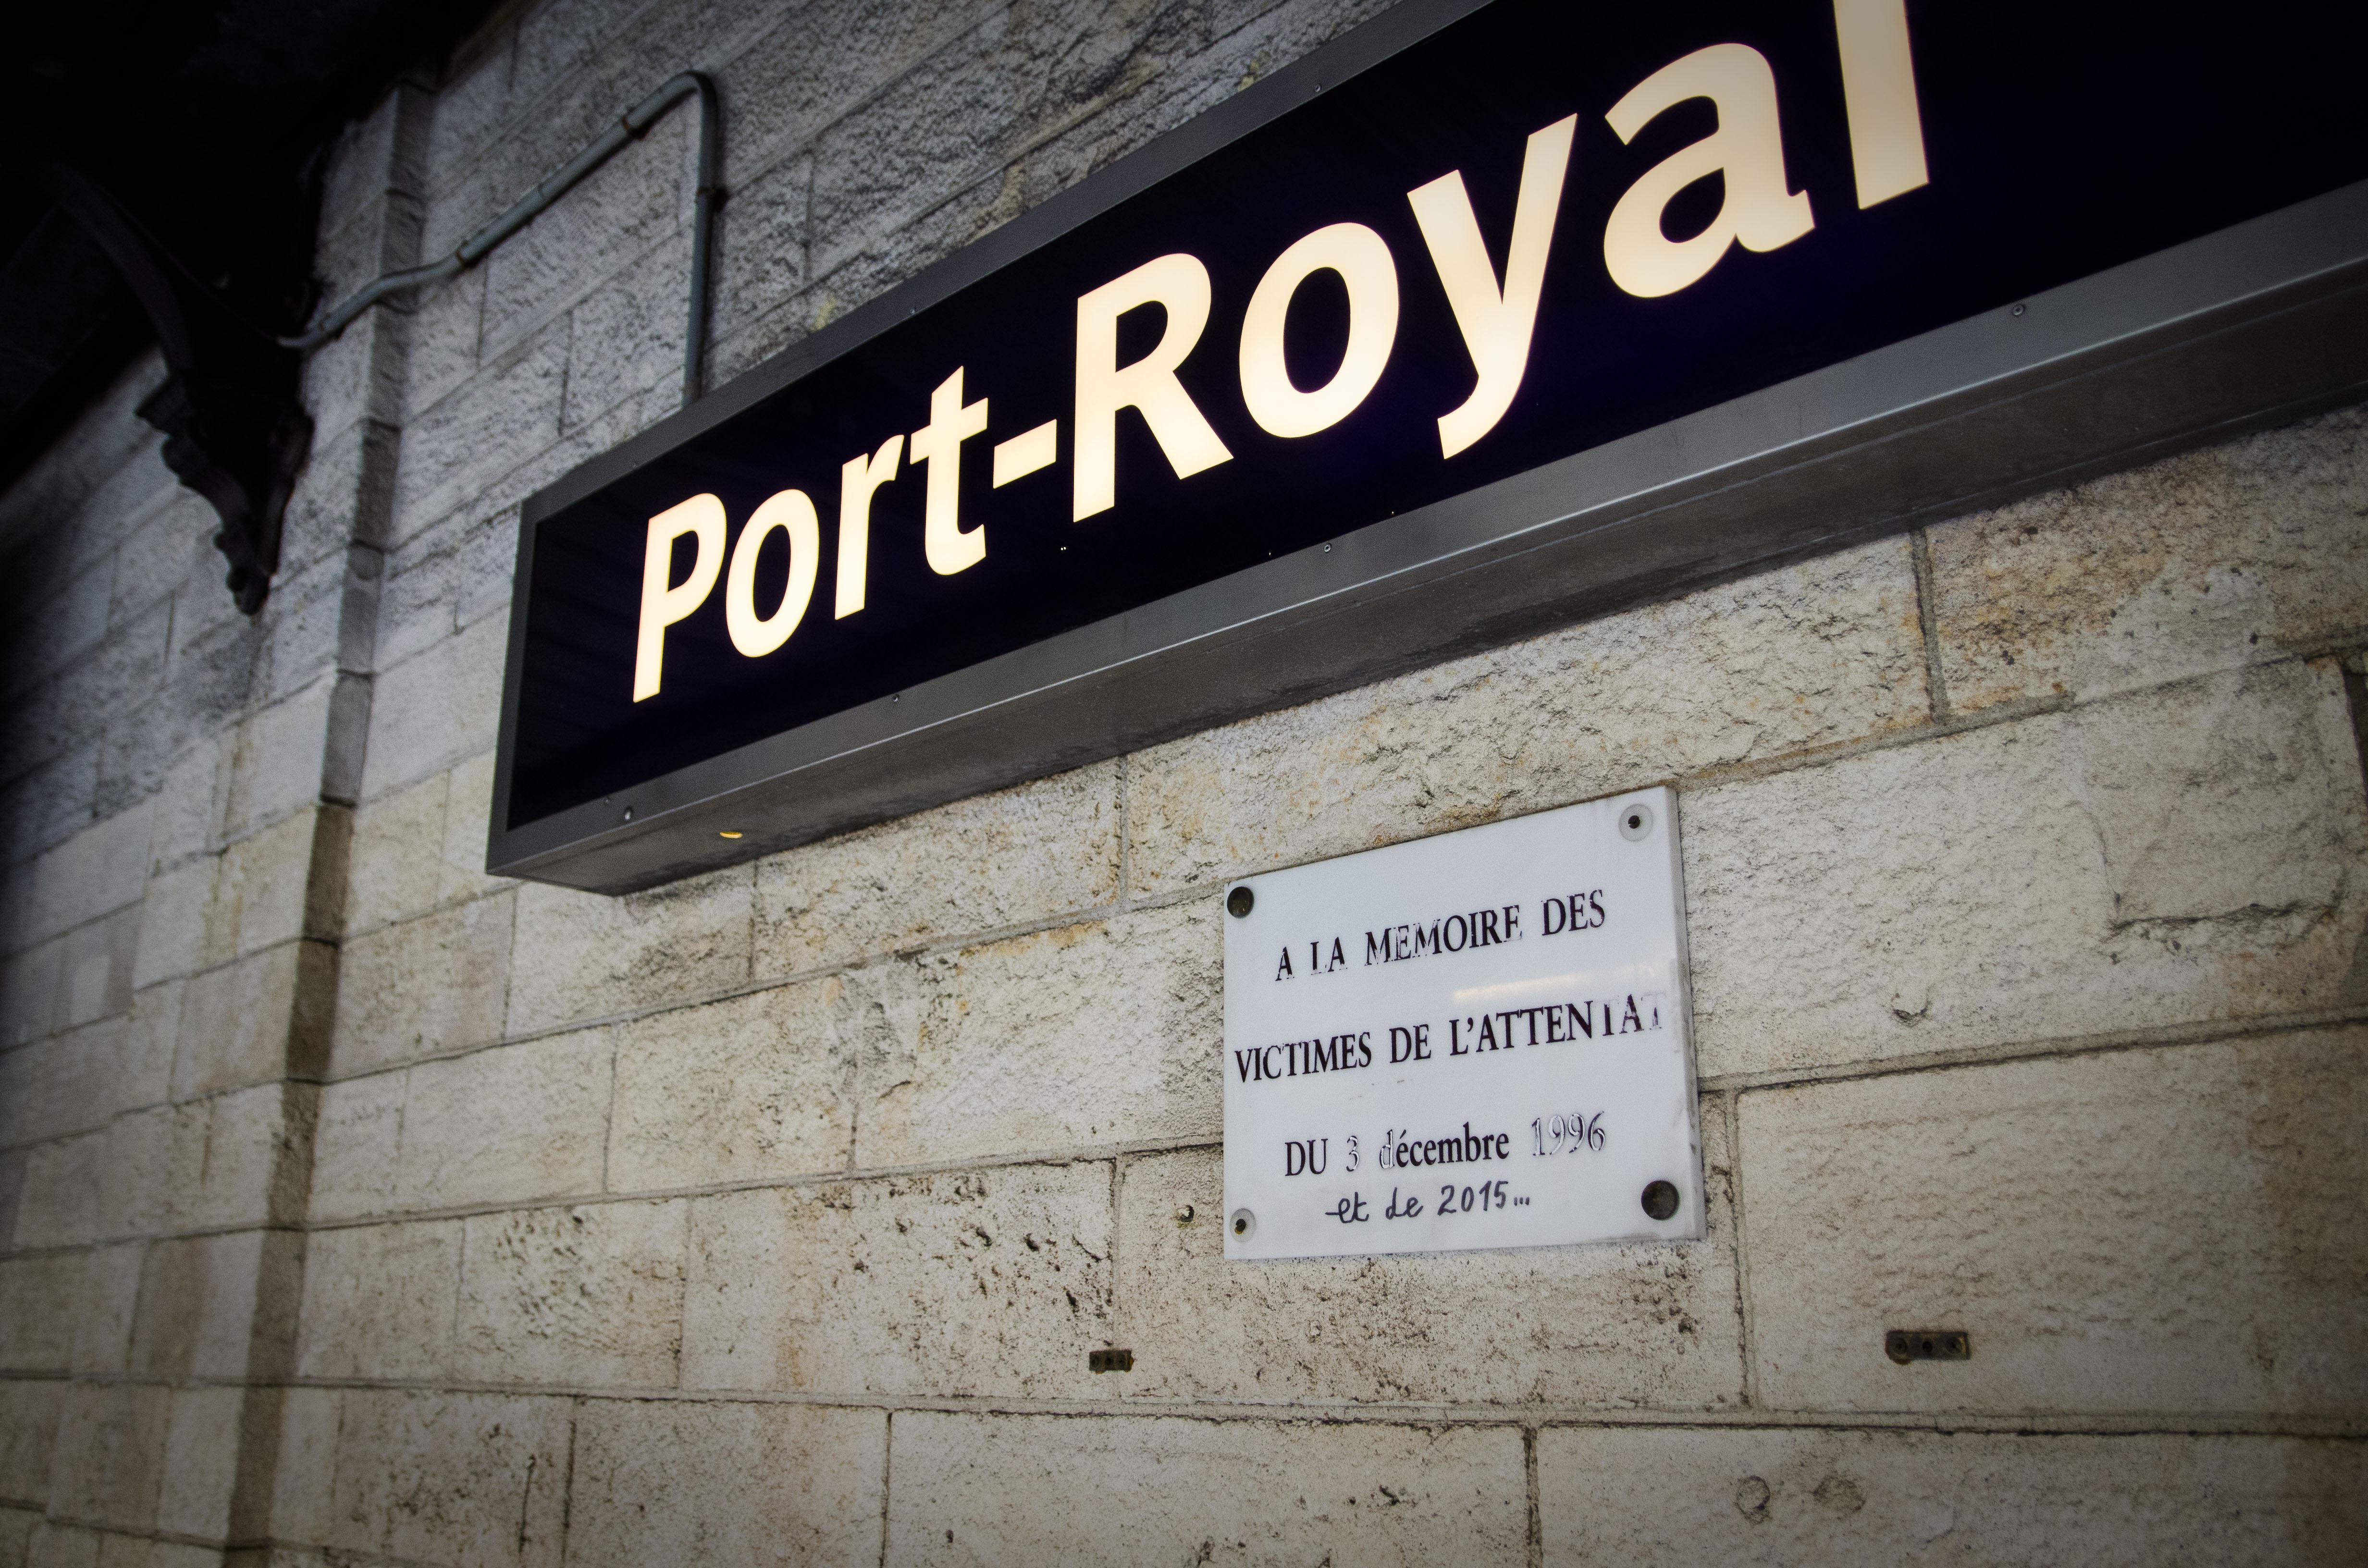 La plaque commémorative de l'attentat de décembre 1996 sur le quai de la station Port Royal (Florian Maussion / 3millions7)